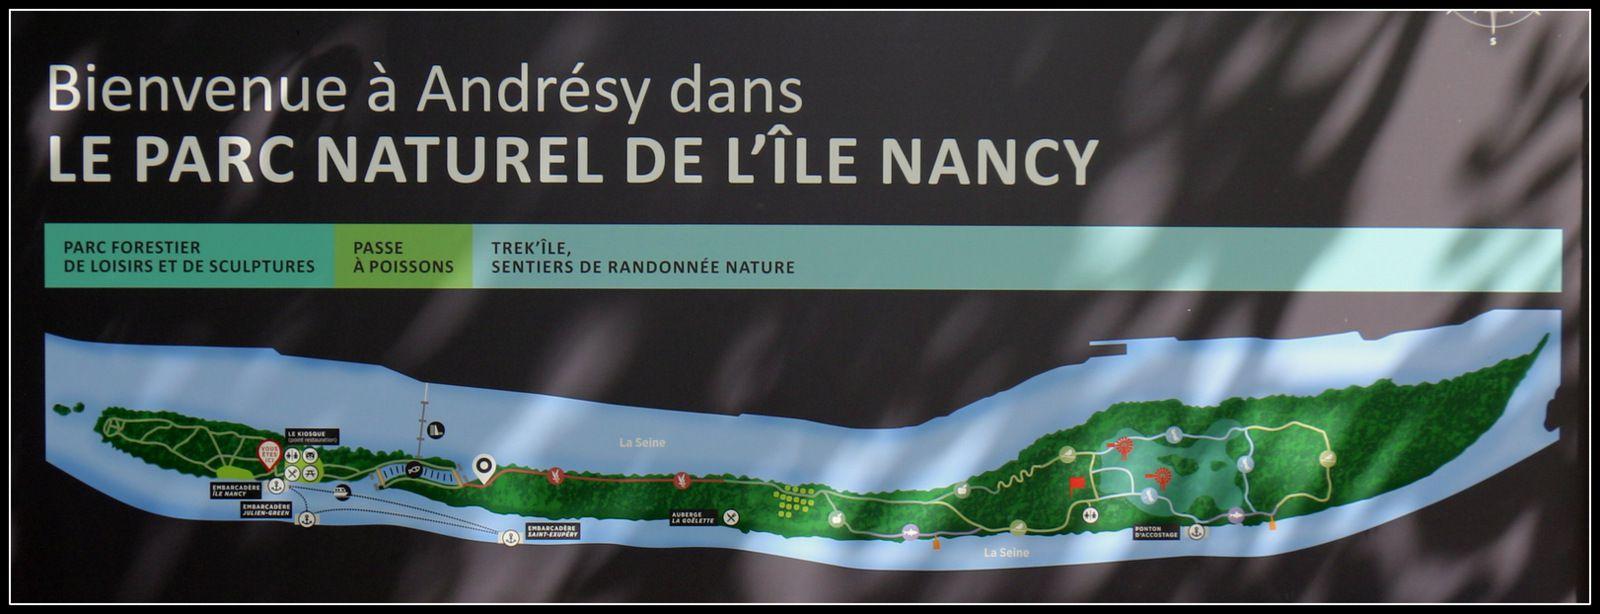 La passe à poissons de l'île Nancy à Andrésy